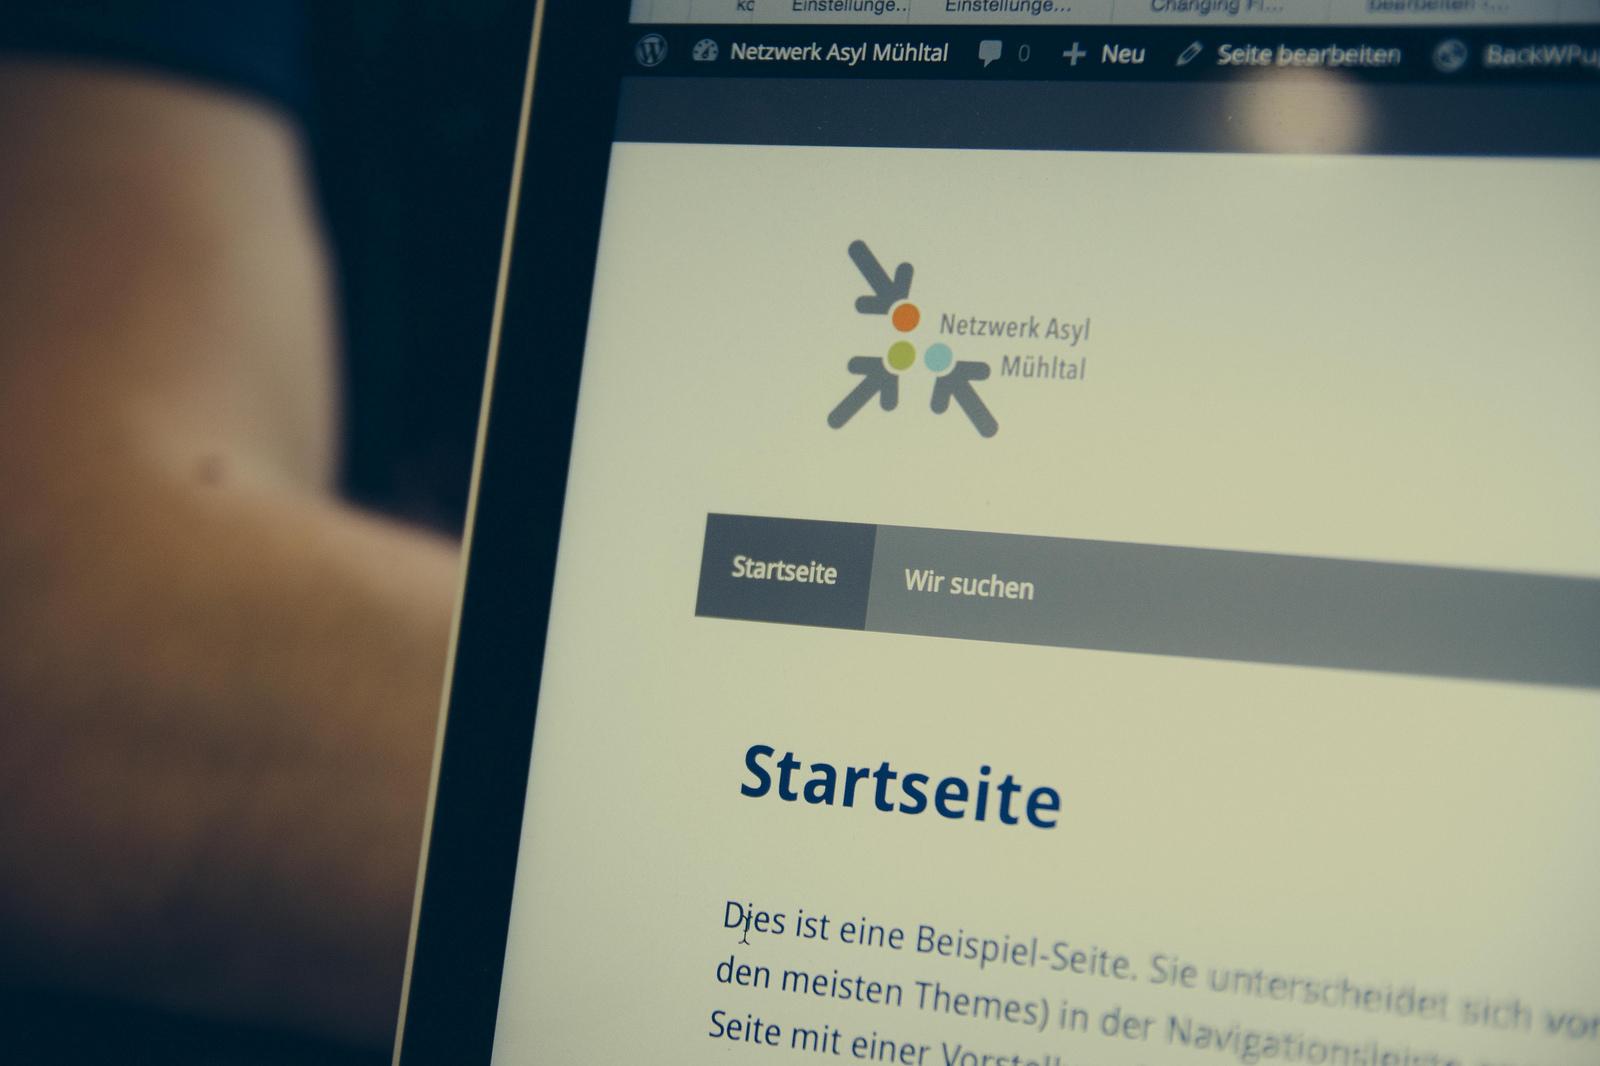 #cc2015cc - Webseite für das Netzwerk Asyl Mühltal